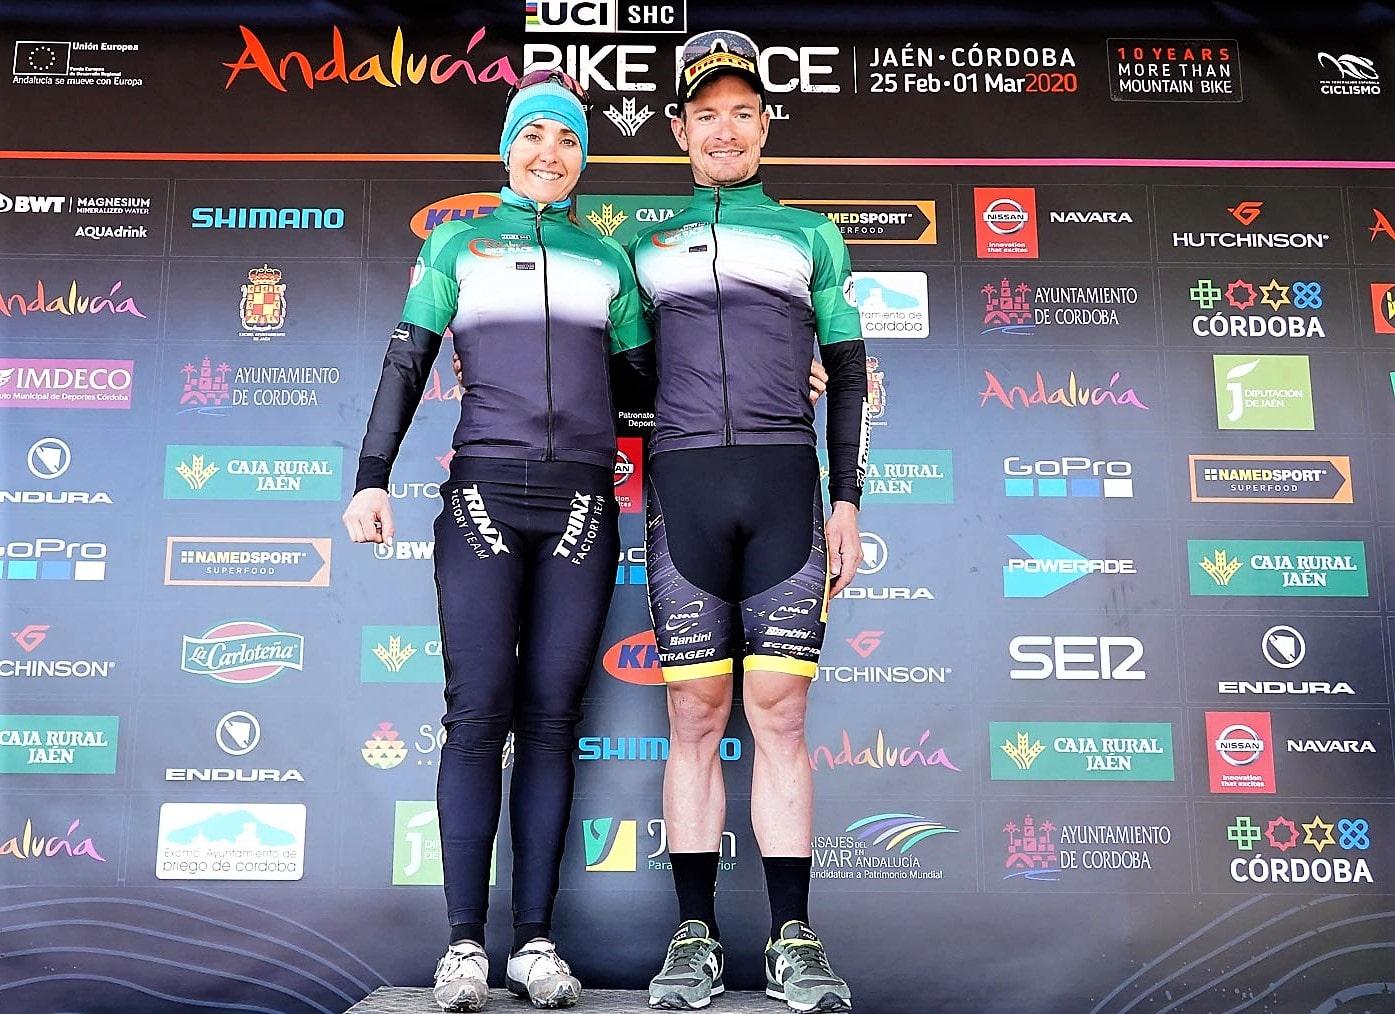 Fabian Rabensteiner Eva Lechner Andalucia Bike Race 2020